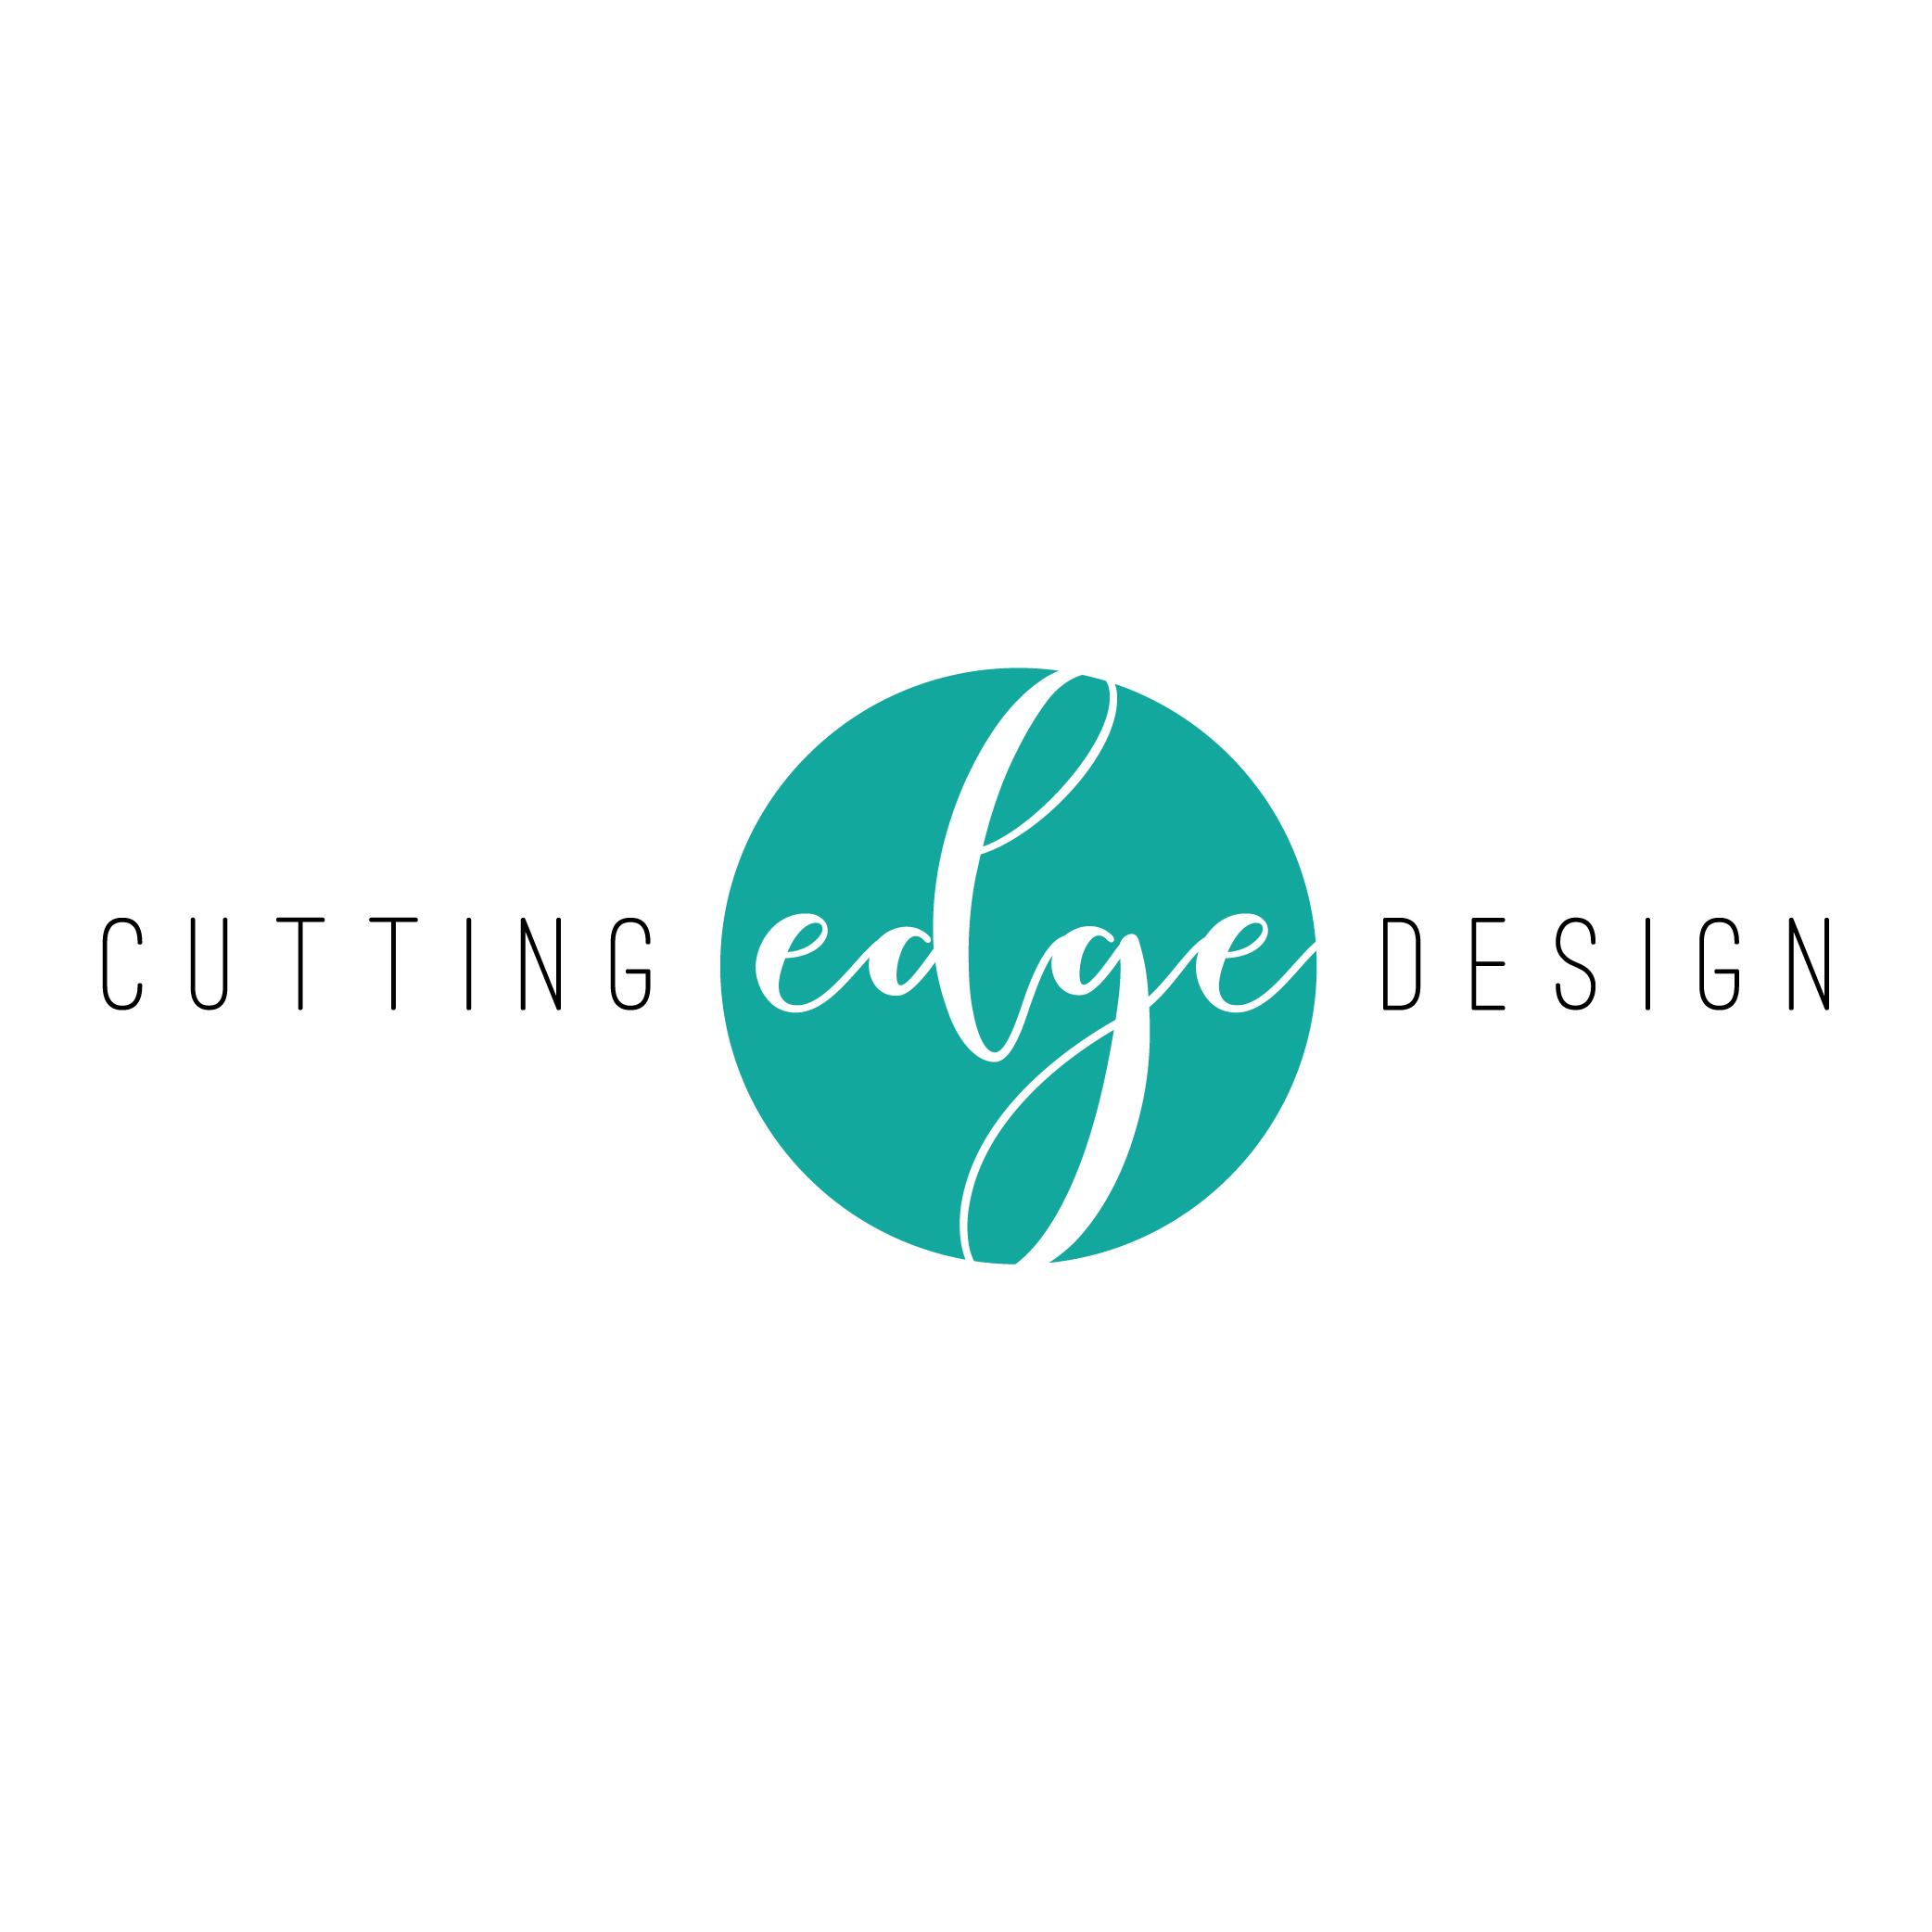 Cutting Edge Design